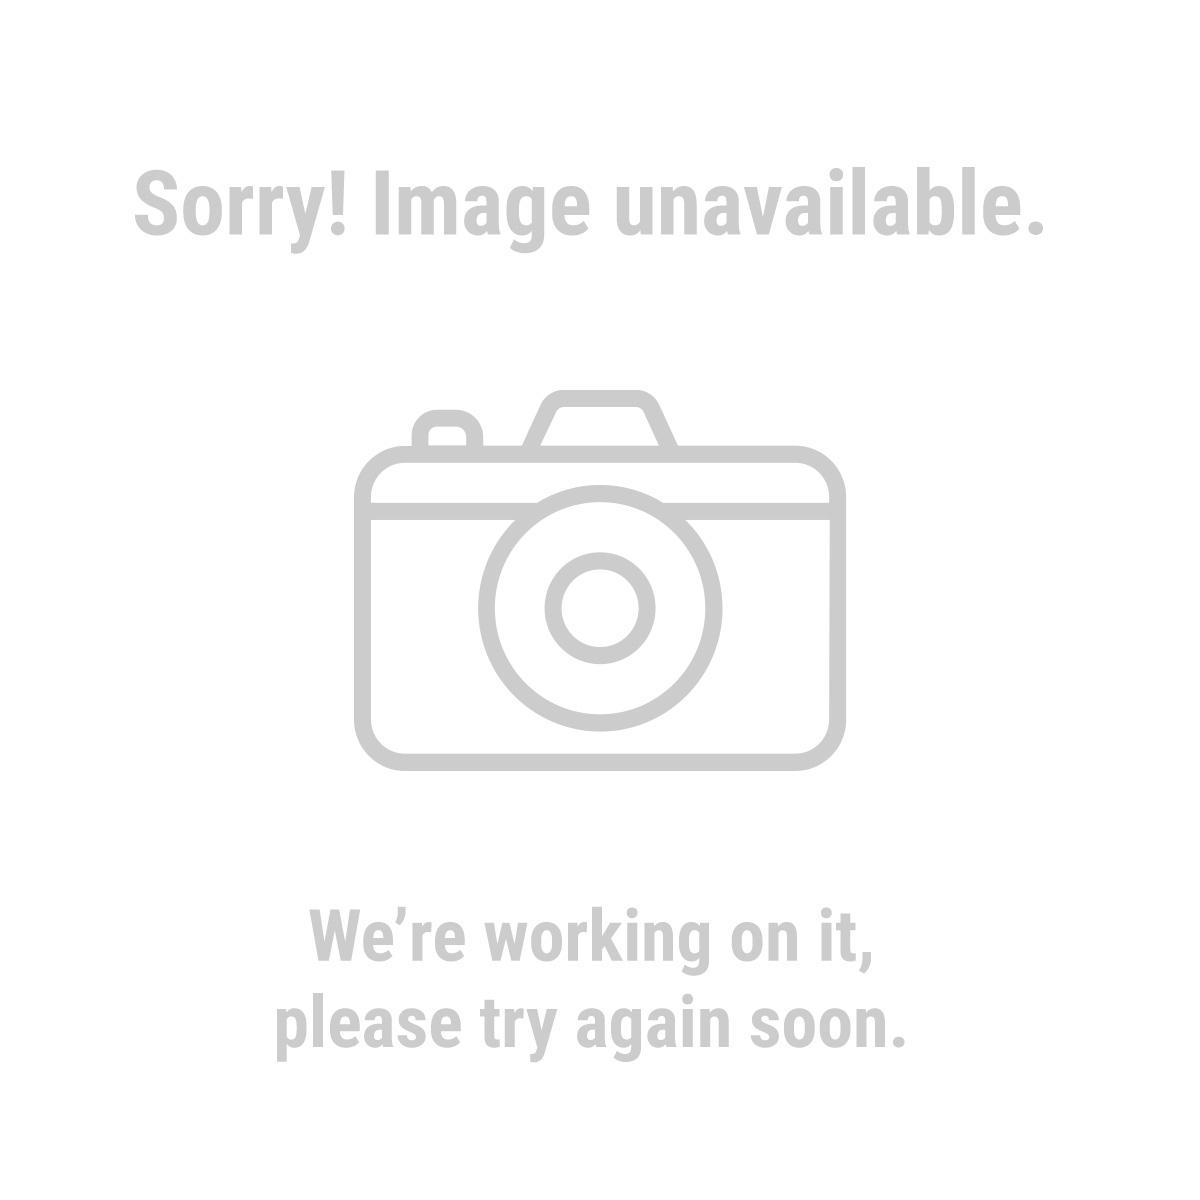 U.S. General 5770 24 In. x 36 In.Two Shelf  Steel Service Cart